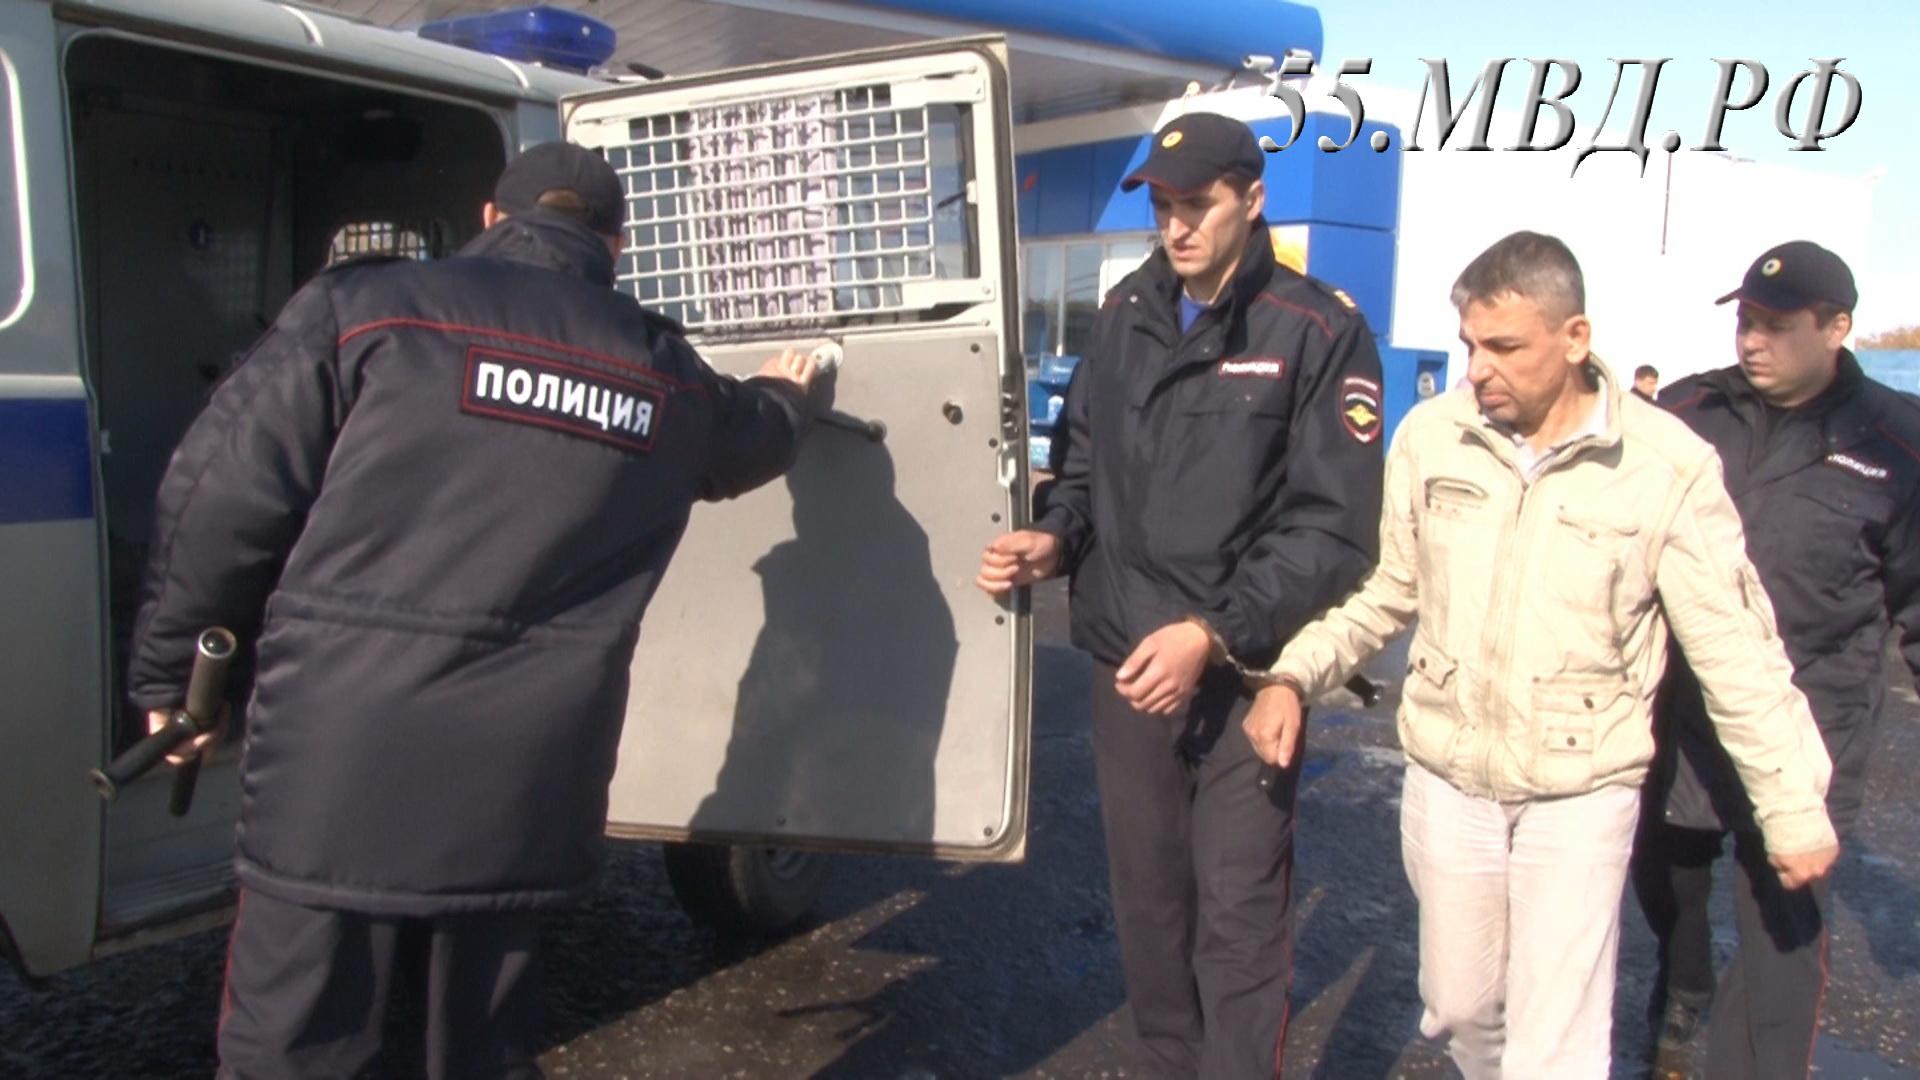 ВОмской области был схвачен бандит, грабивший заправки повсей Сибири